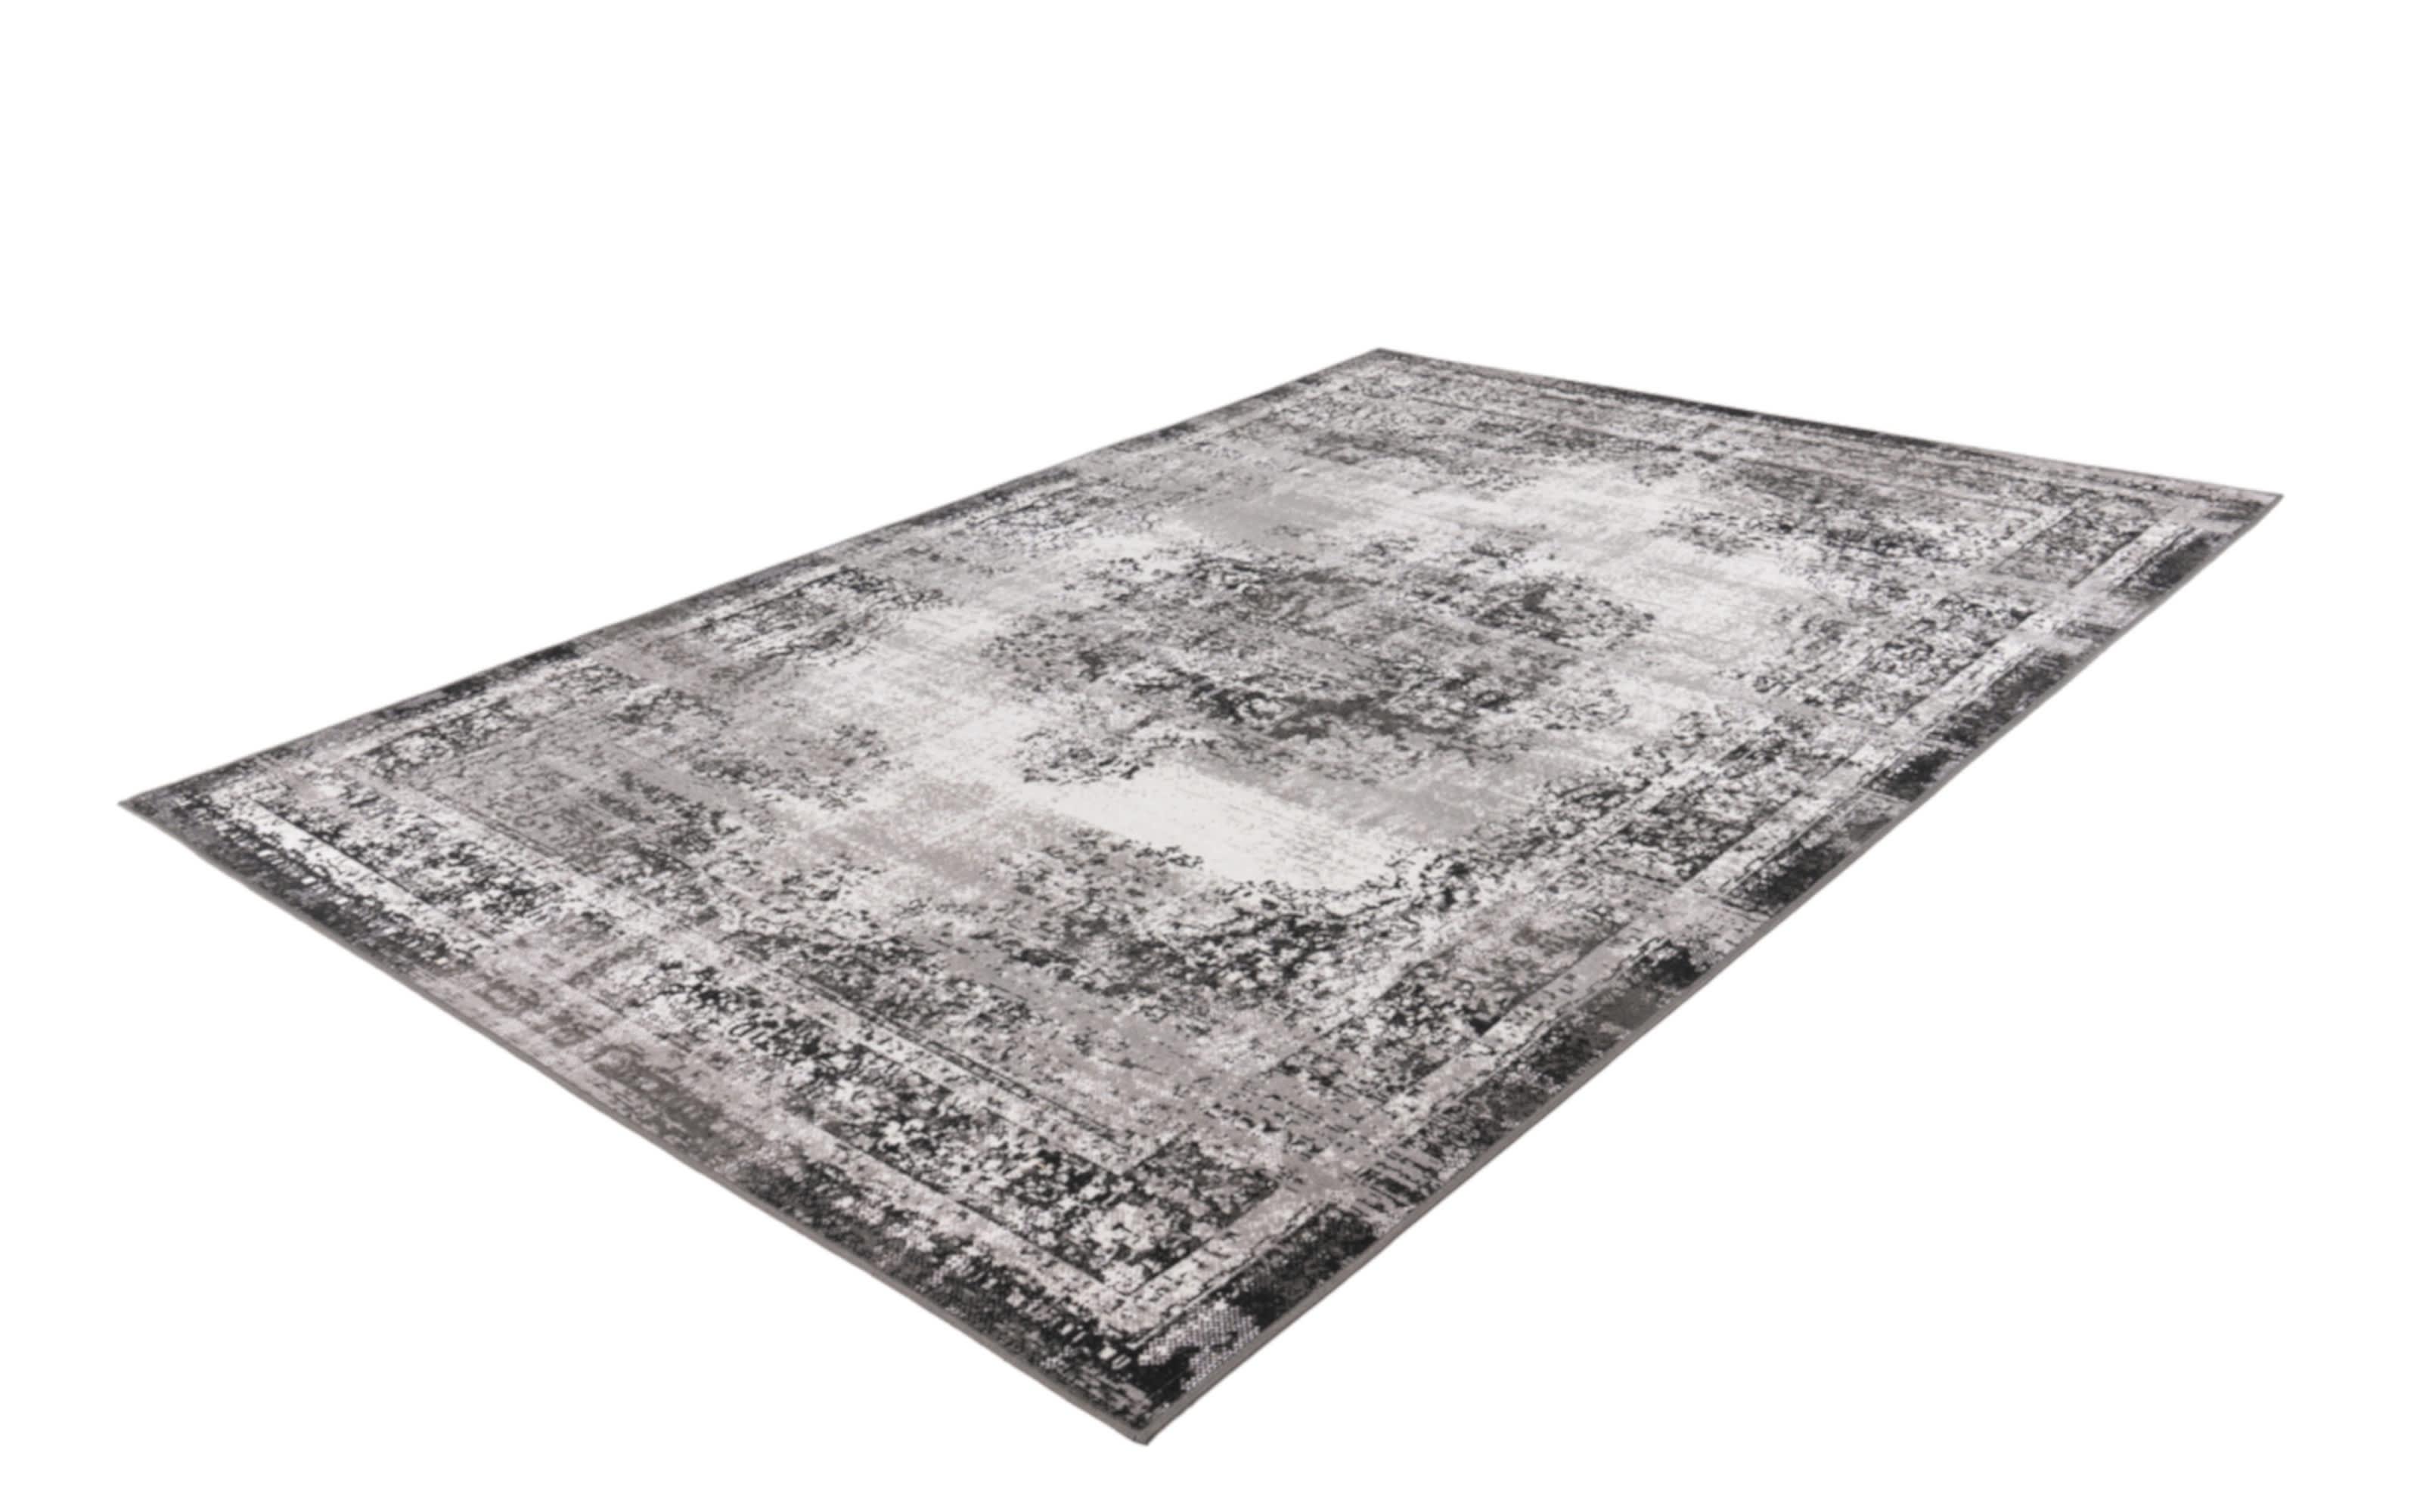 Teppich Ariya 225 in anthrazit, 80 x 150 cm